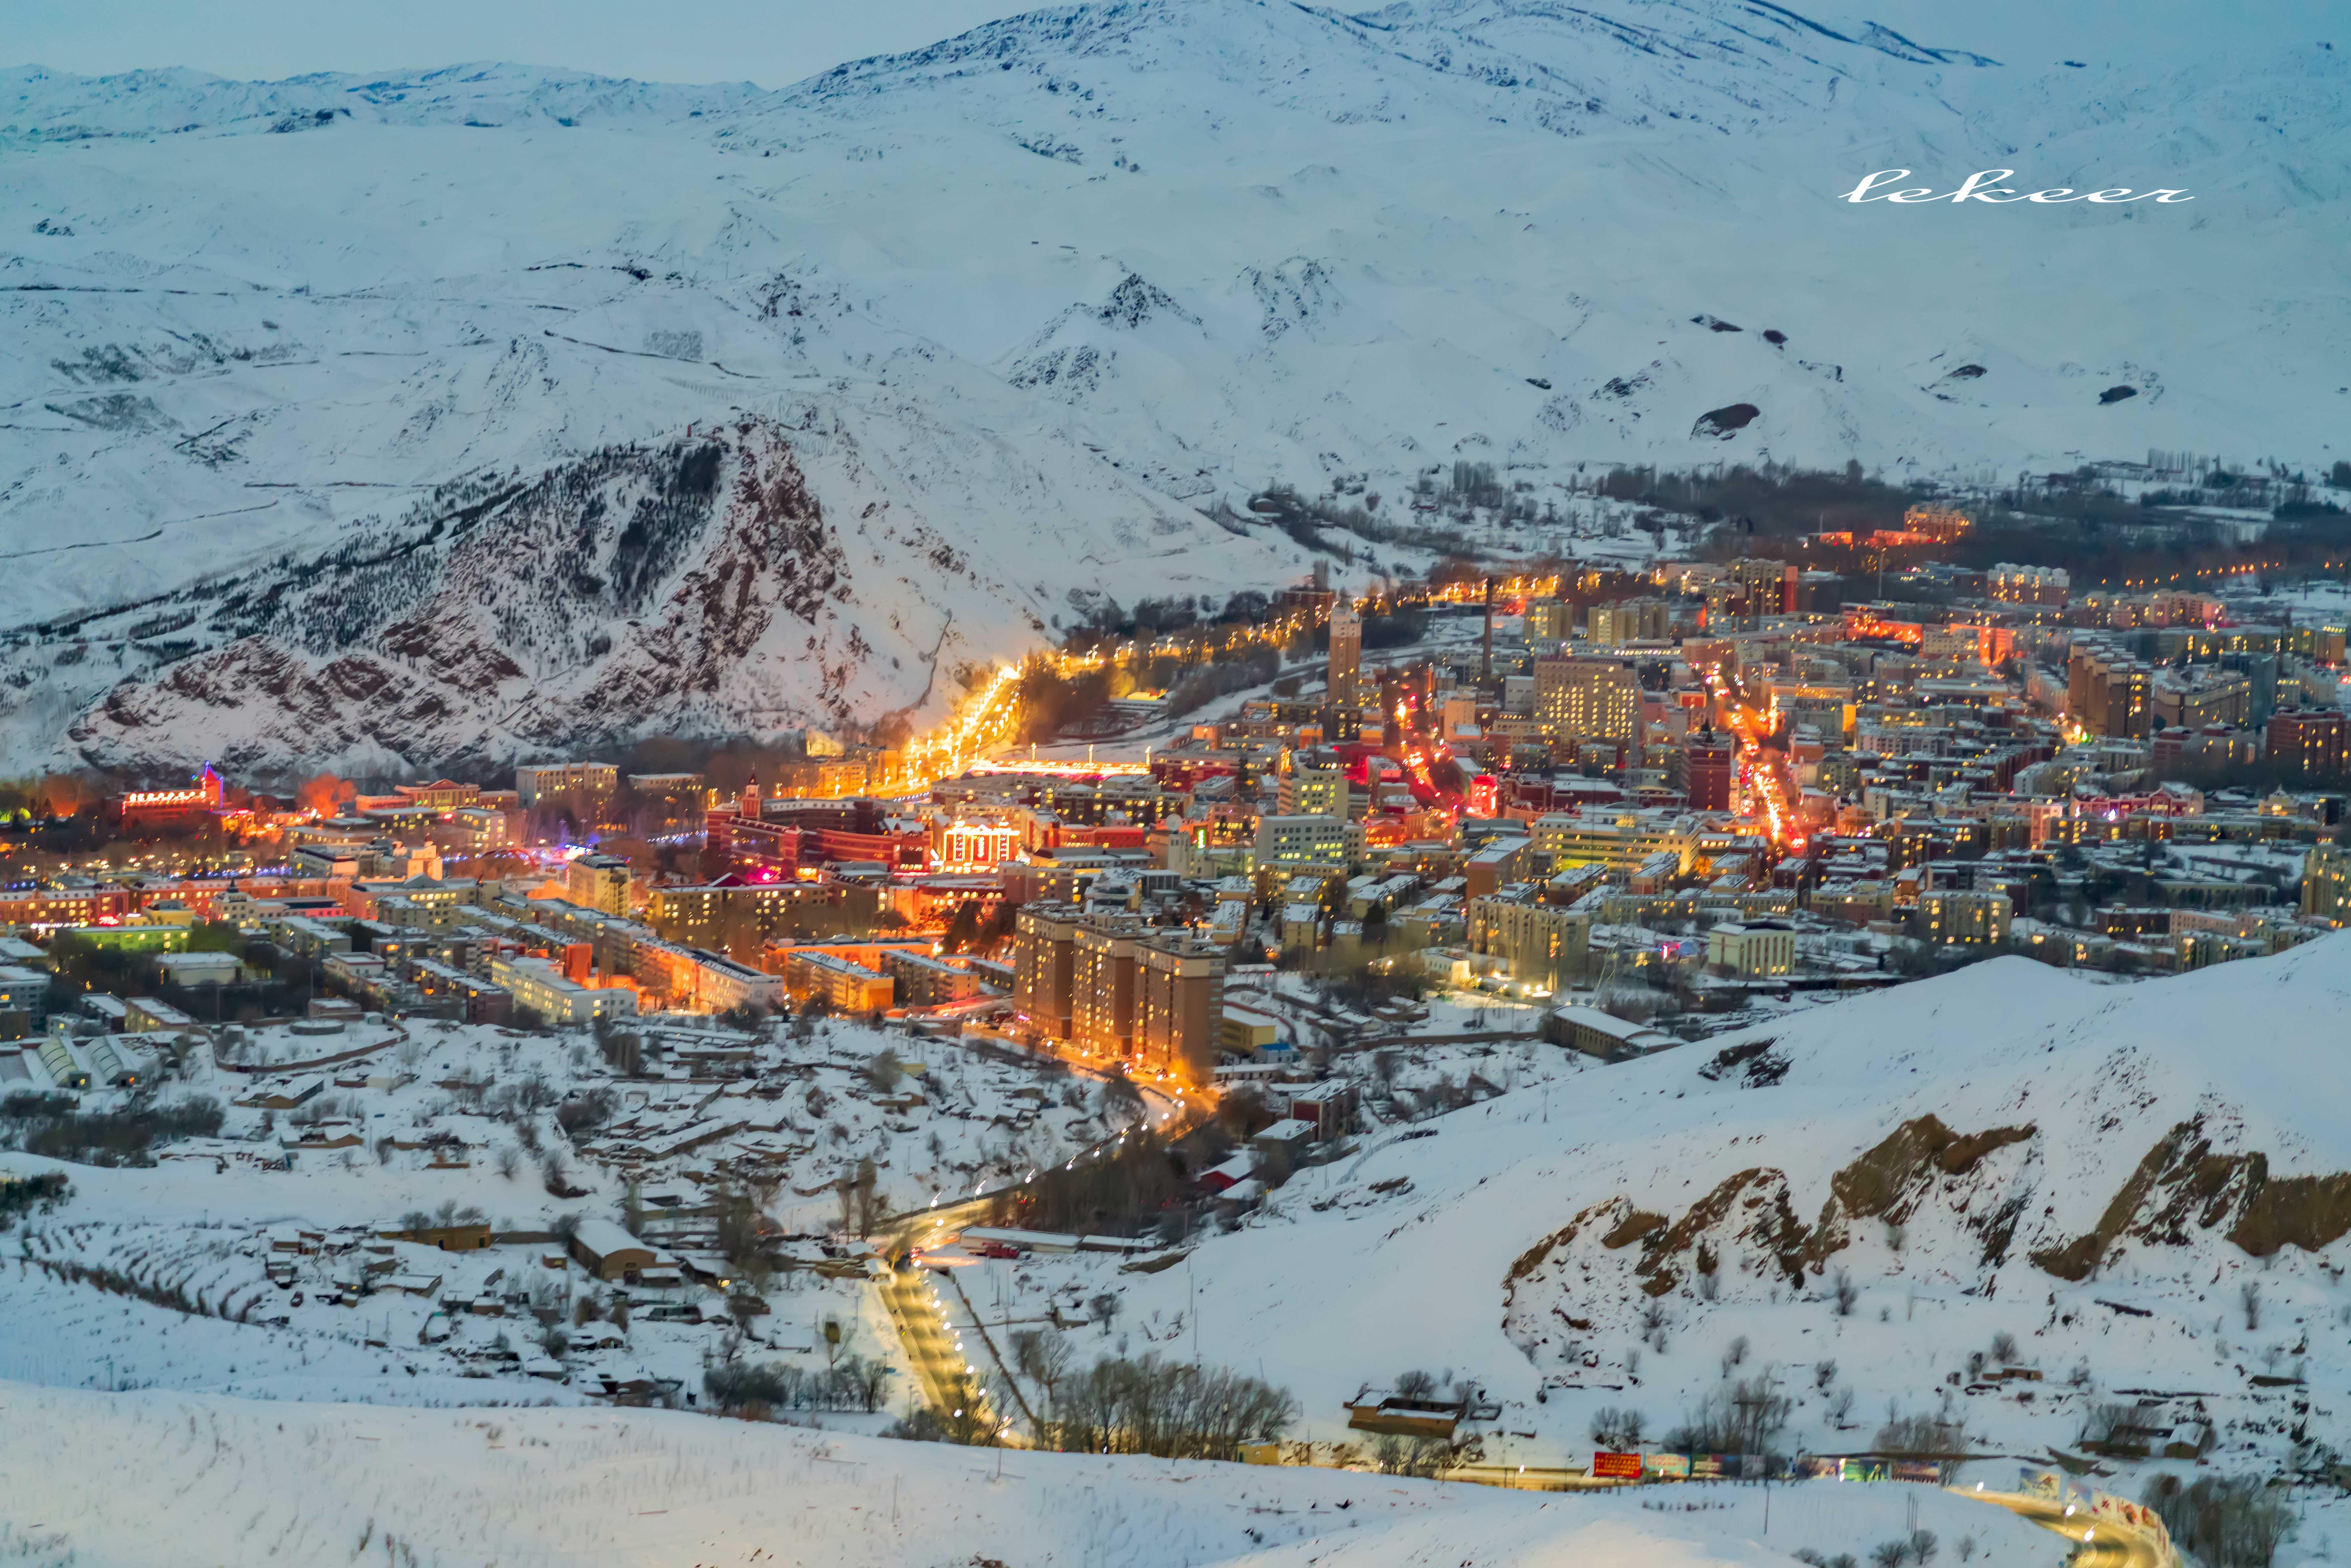 因此,如果你旅游到了阿勒泰,会不会滑雪是另一回事,但如果不到将军山